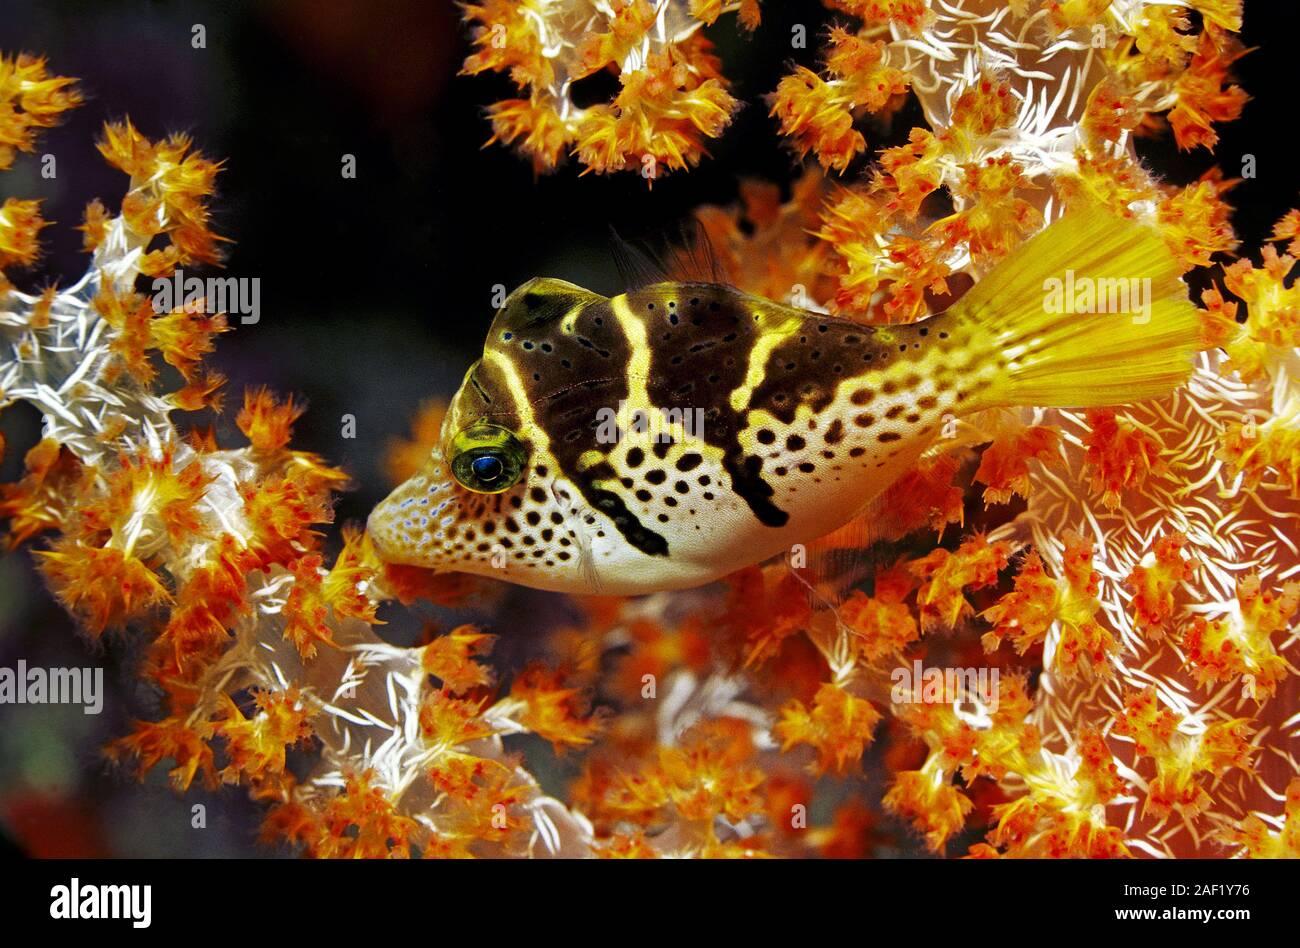 Black-saddled Leatherjacket, Blacksaddle Filefish, Black-saddled toby (Canthigaster amboinensis), sleeping at soft corals, Ari Atoll, Maldive islands Stock Photo